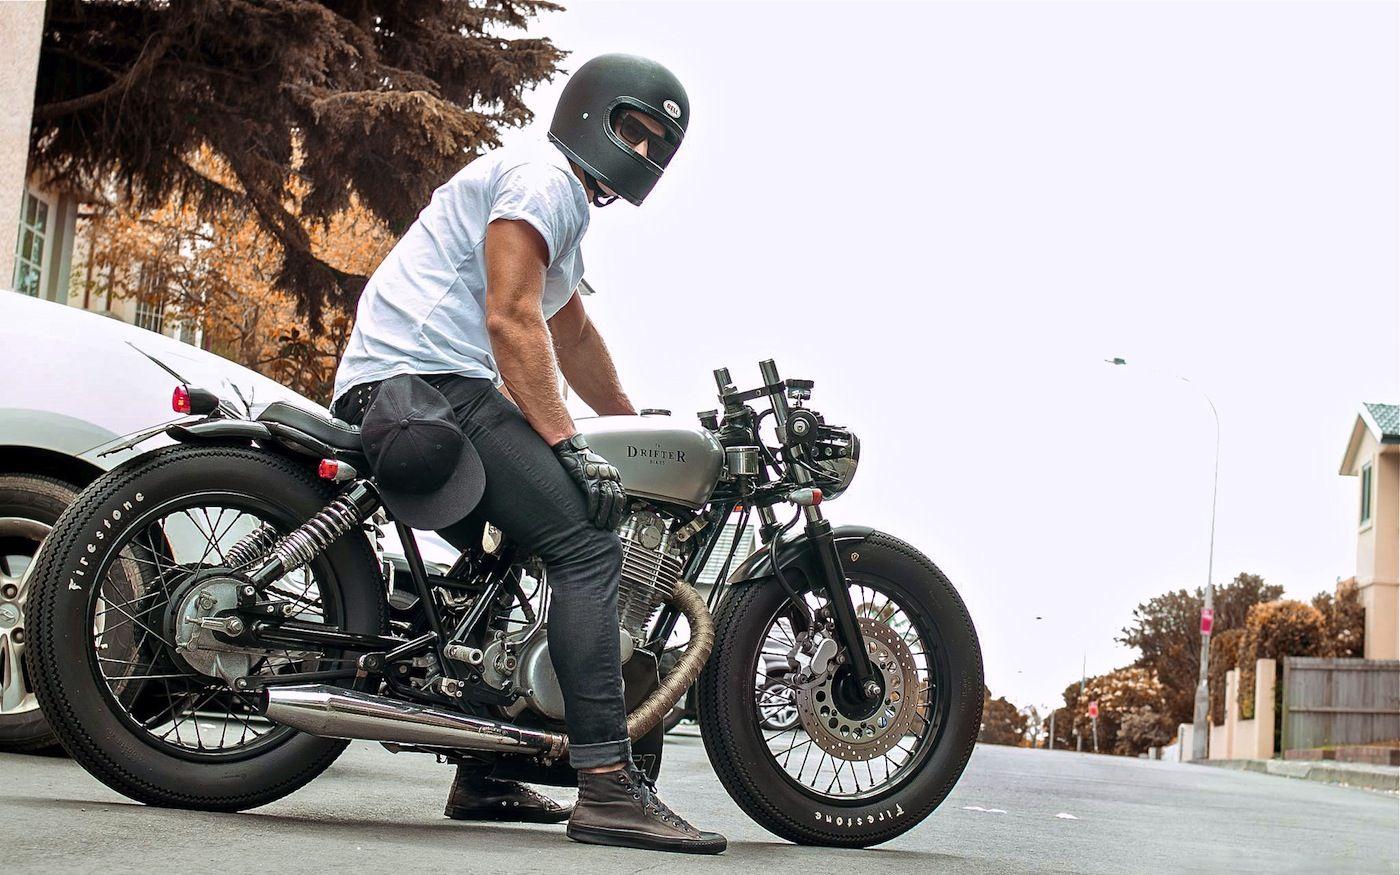 sr400drifter bikes | inazuma café racer | xs650 | pinterest